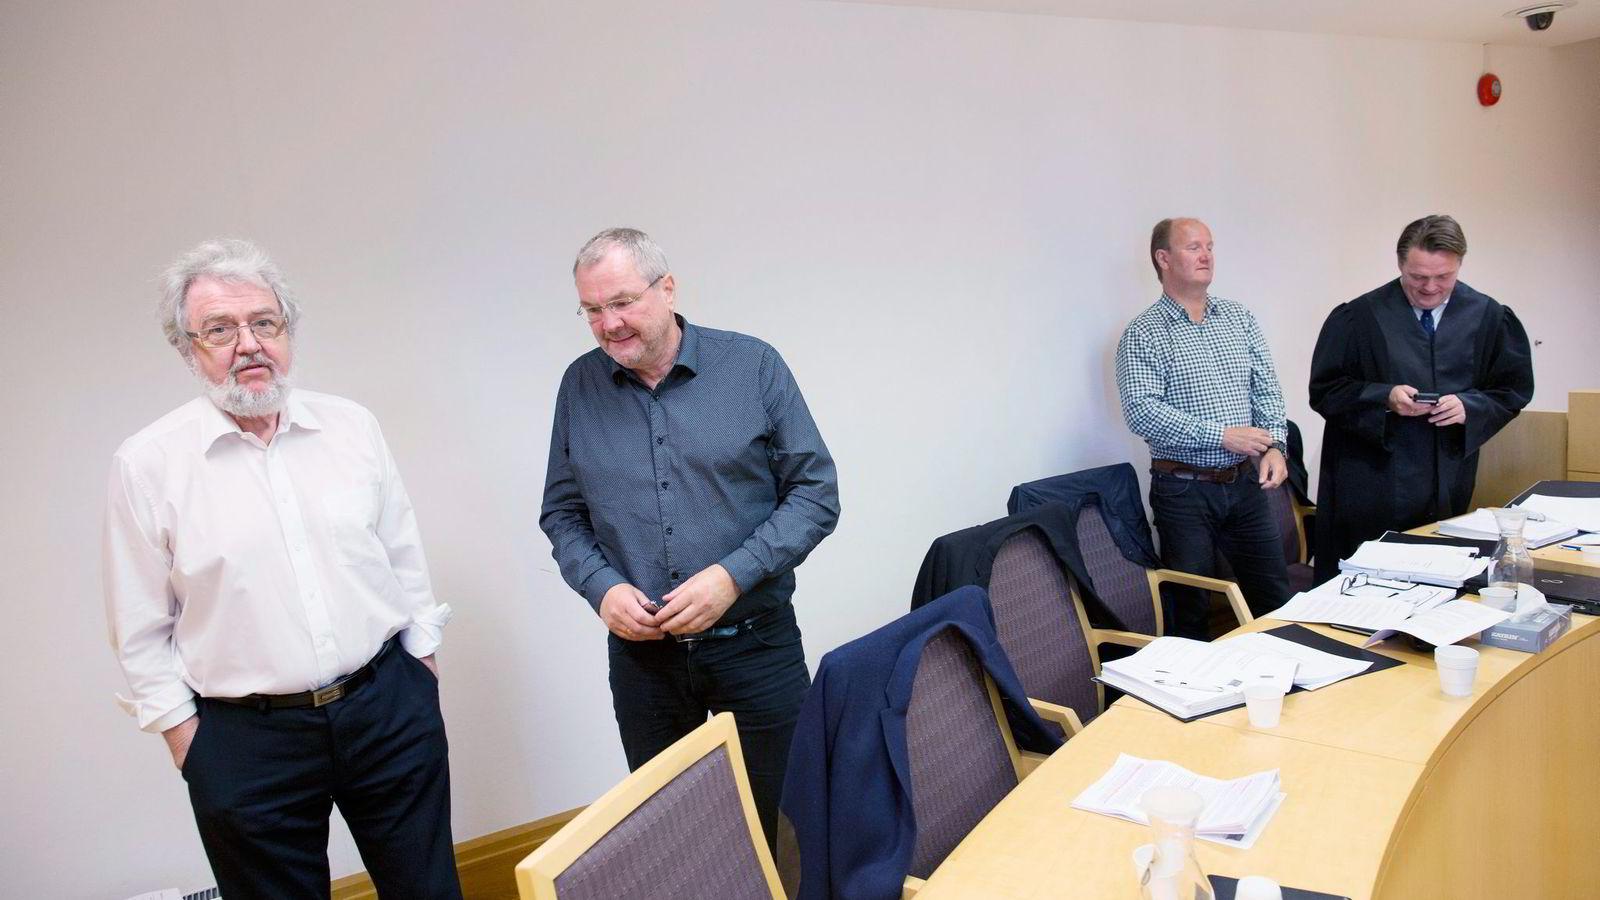 Minoritetsaksjonærene som saksøker Get for opp til 45 millioner kroner, fra venstre Aage Halvorsen, Dag Nilsen, Arve Lund og deres prosessfullmektig, advokat Joar Heide. Foto: